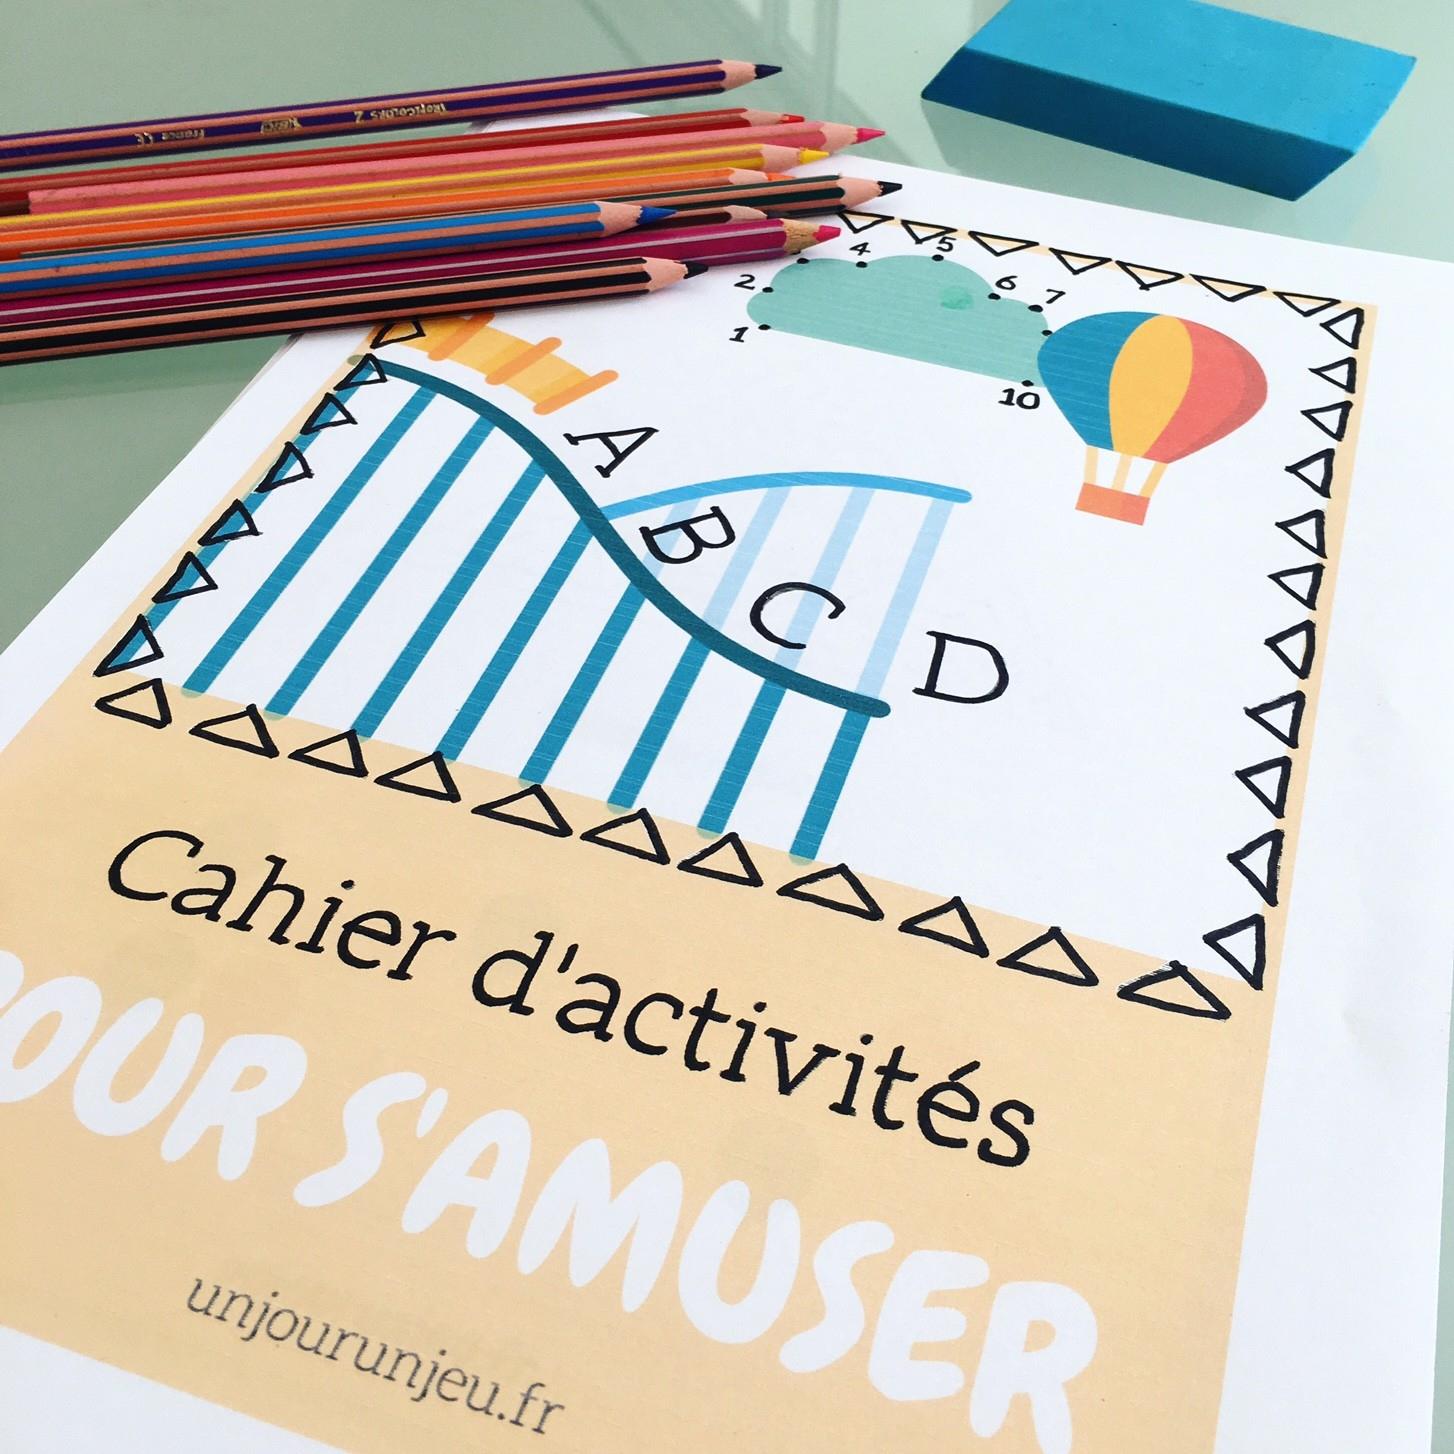 Cahier D'activités Enfants Pour Les Vacances À Imprimer serapportantà Cahier D Activité A Imprimer